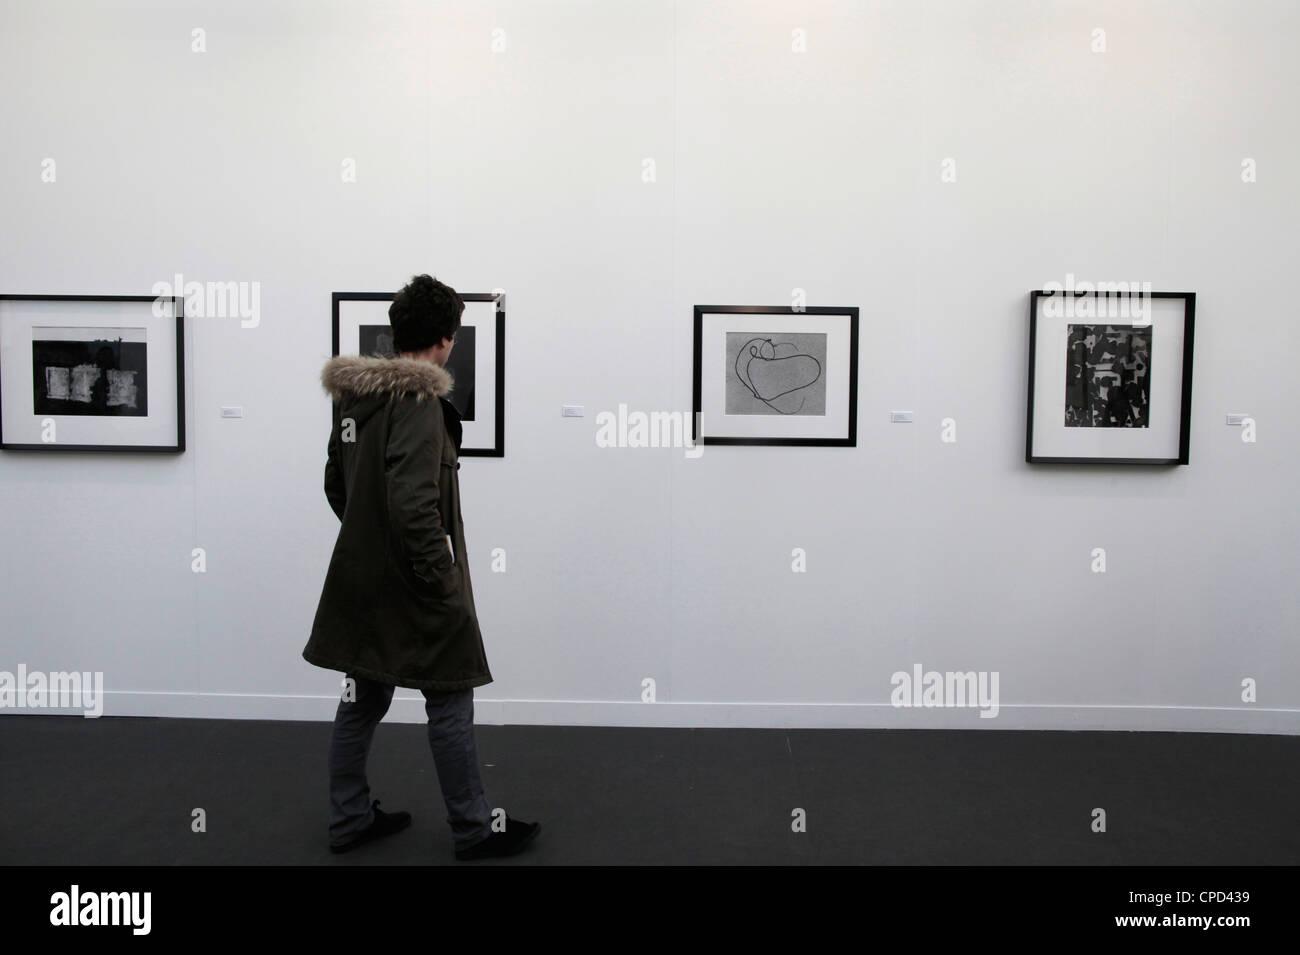 Mostrar fotos de París, París, Francia, Europa Imagen De Stock